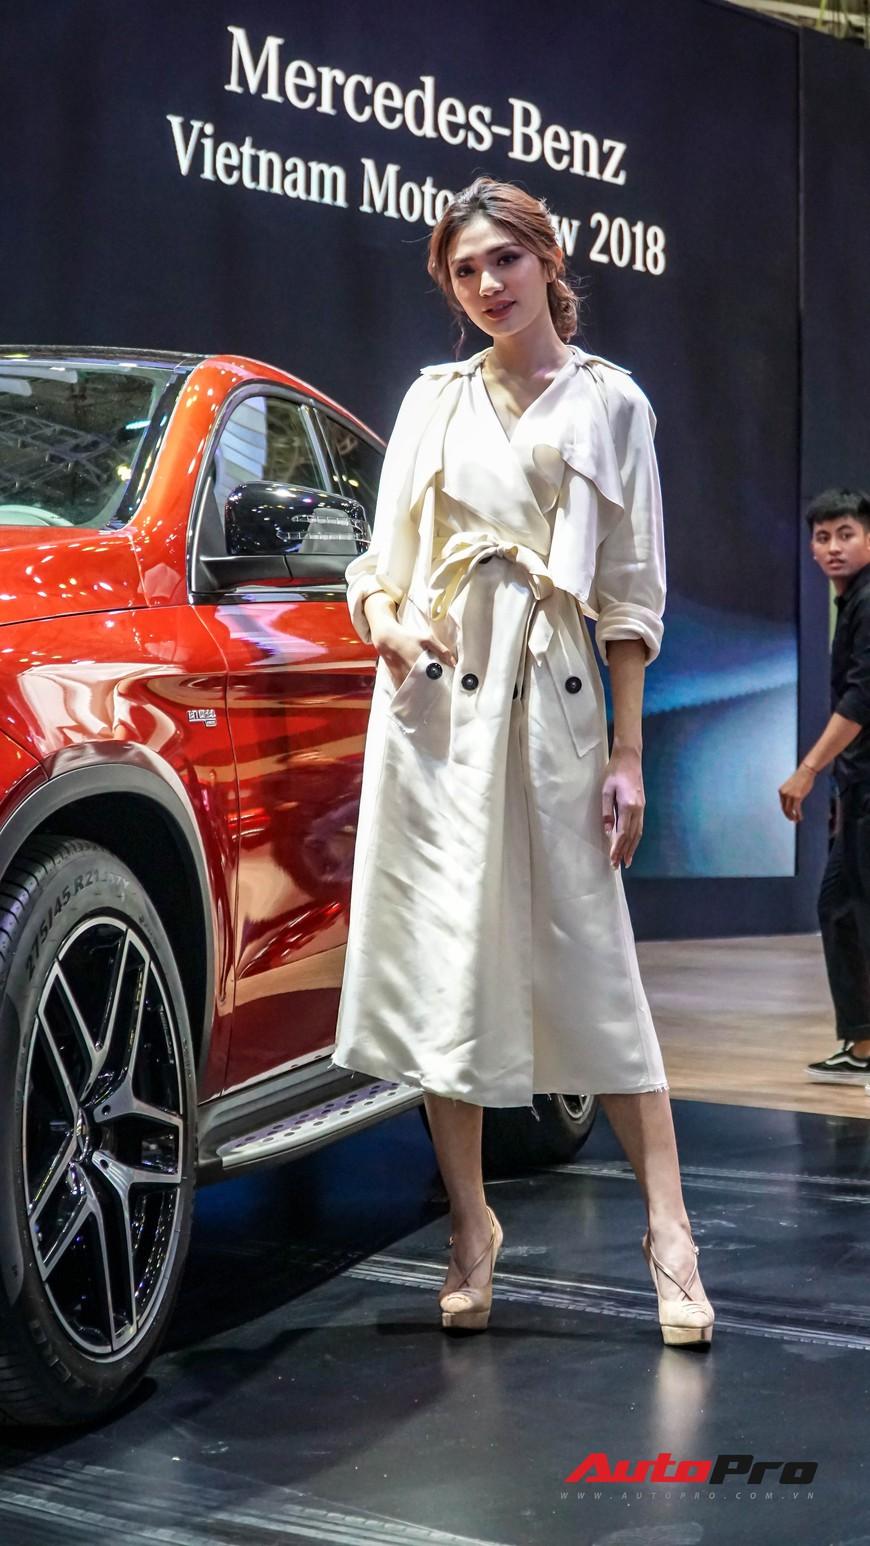 Đứng gần xe sang hay xe cỏ, thần thái là chuyện nhỏ với dàn mẫu chân dài VMS 2018 - Ảnh 16.